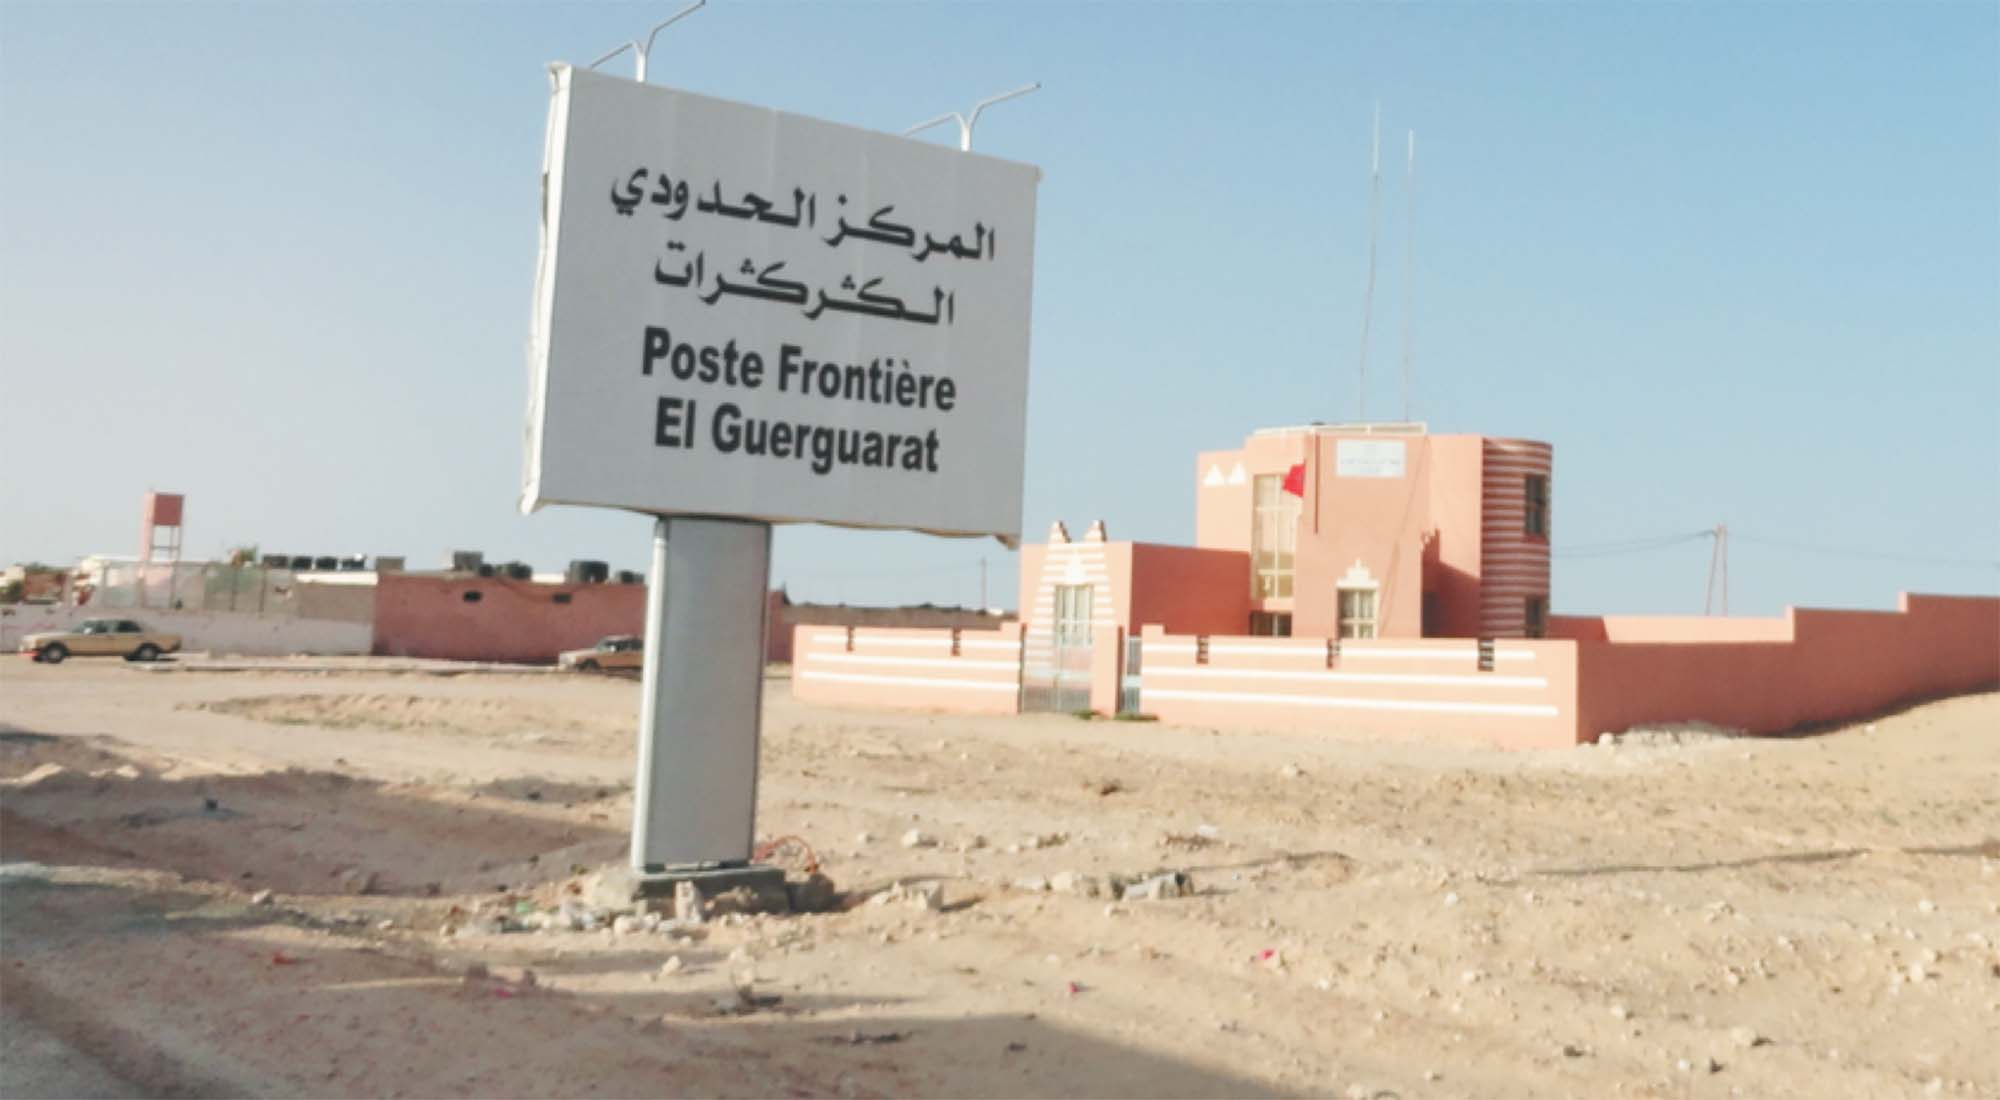 Le Maroc se retire  unilatéralement de Guergarate